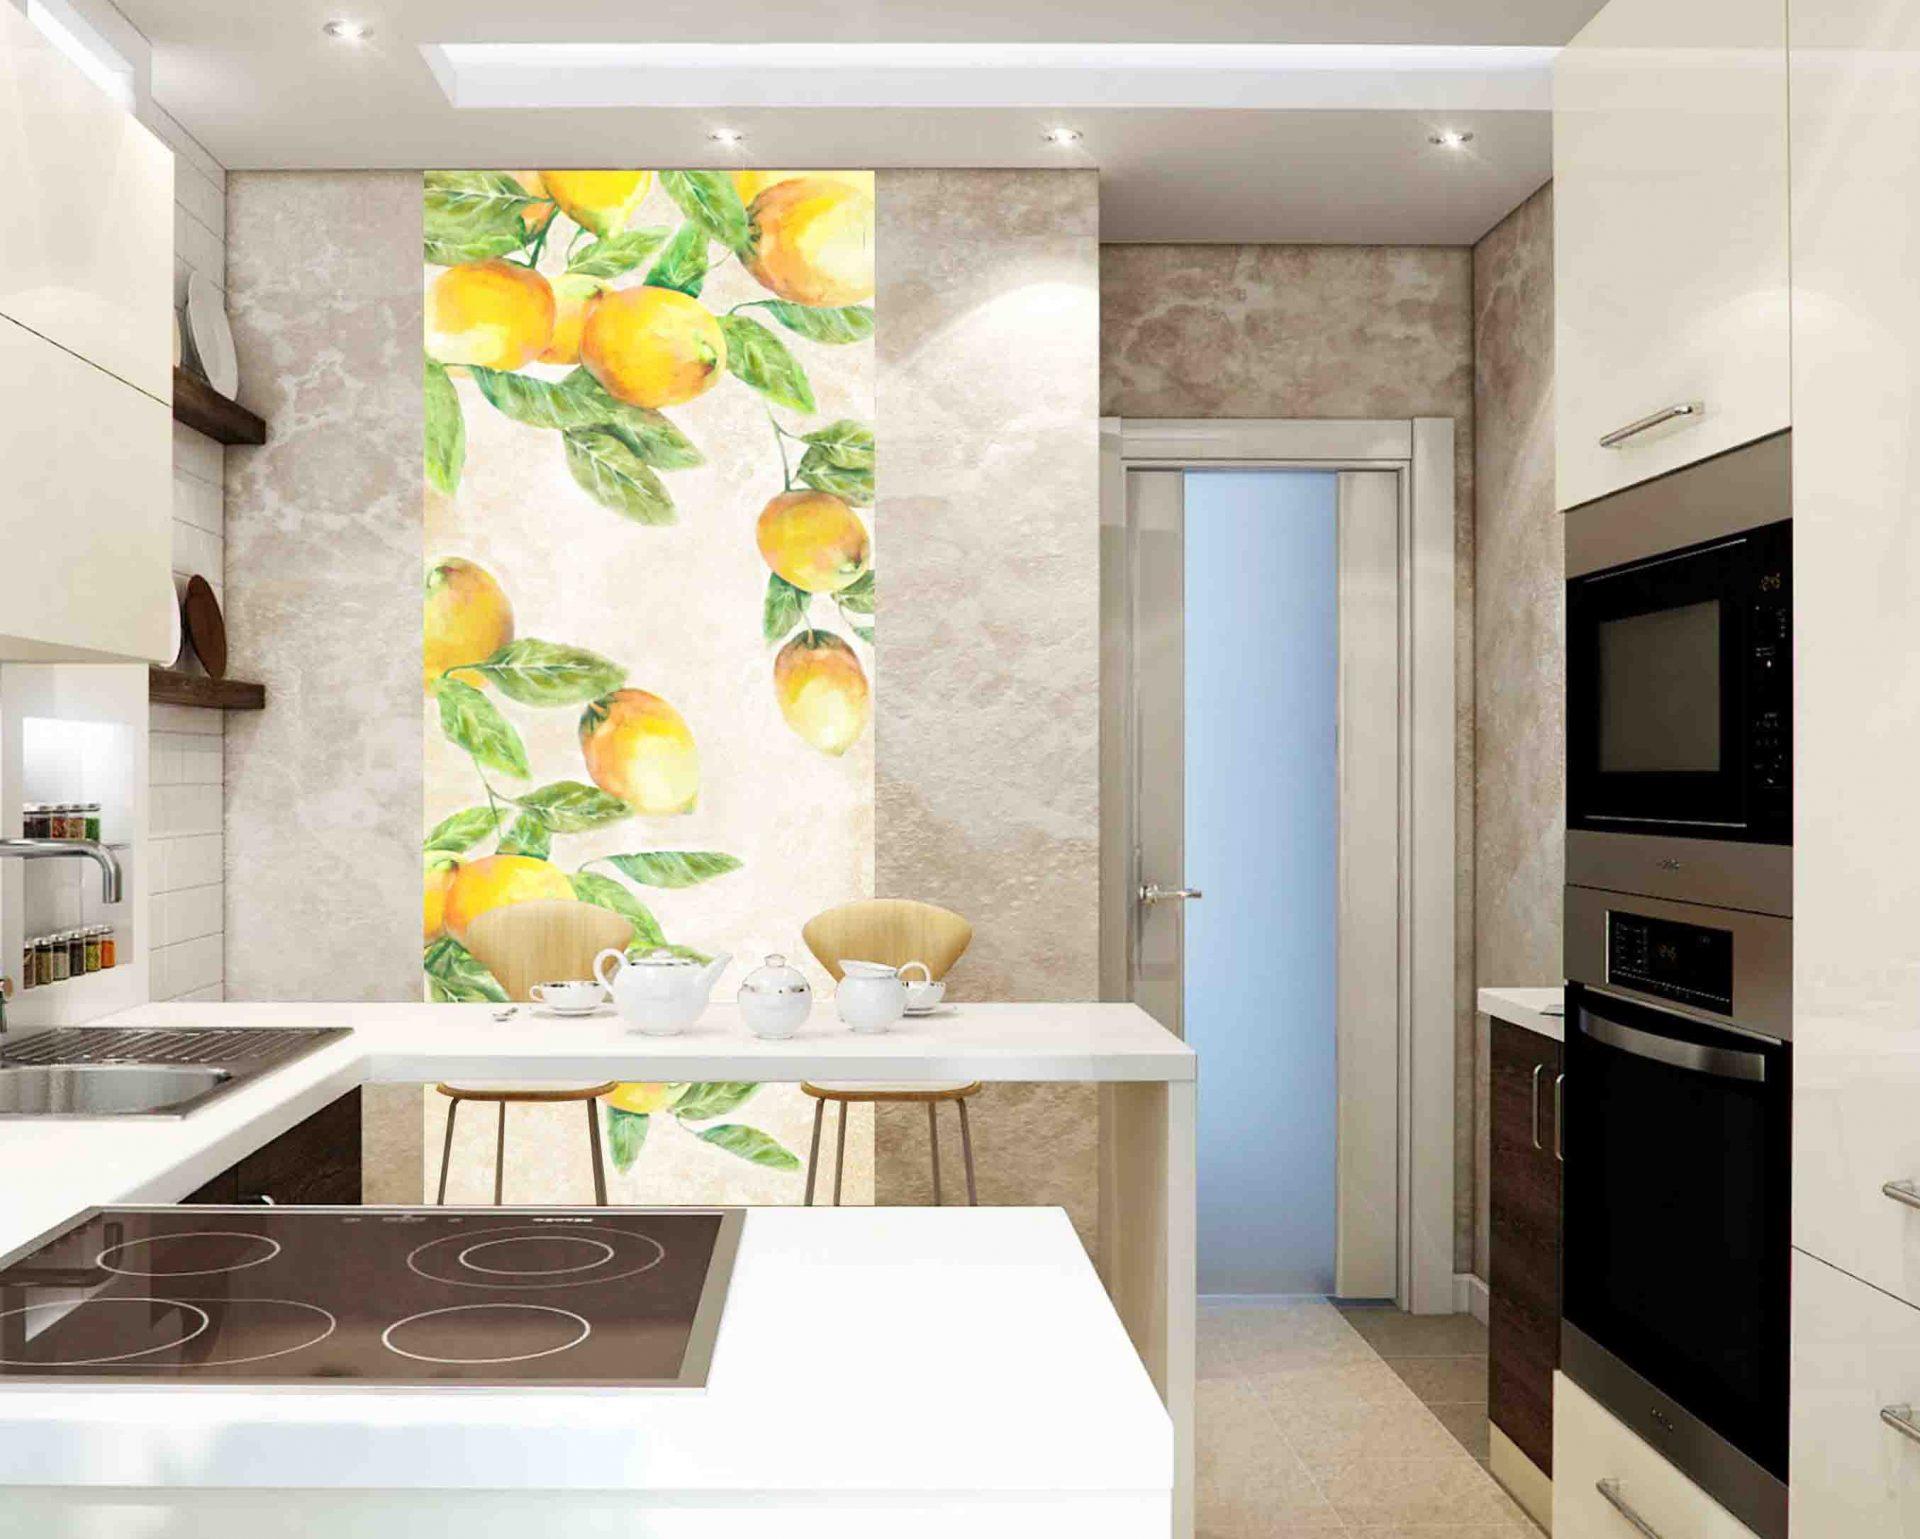 примеры фотообои на стену для кухни используются кованые